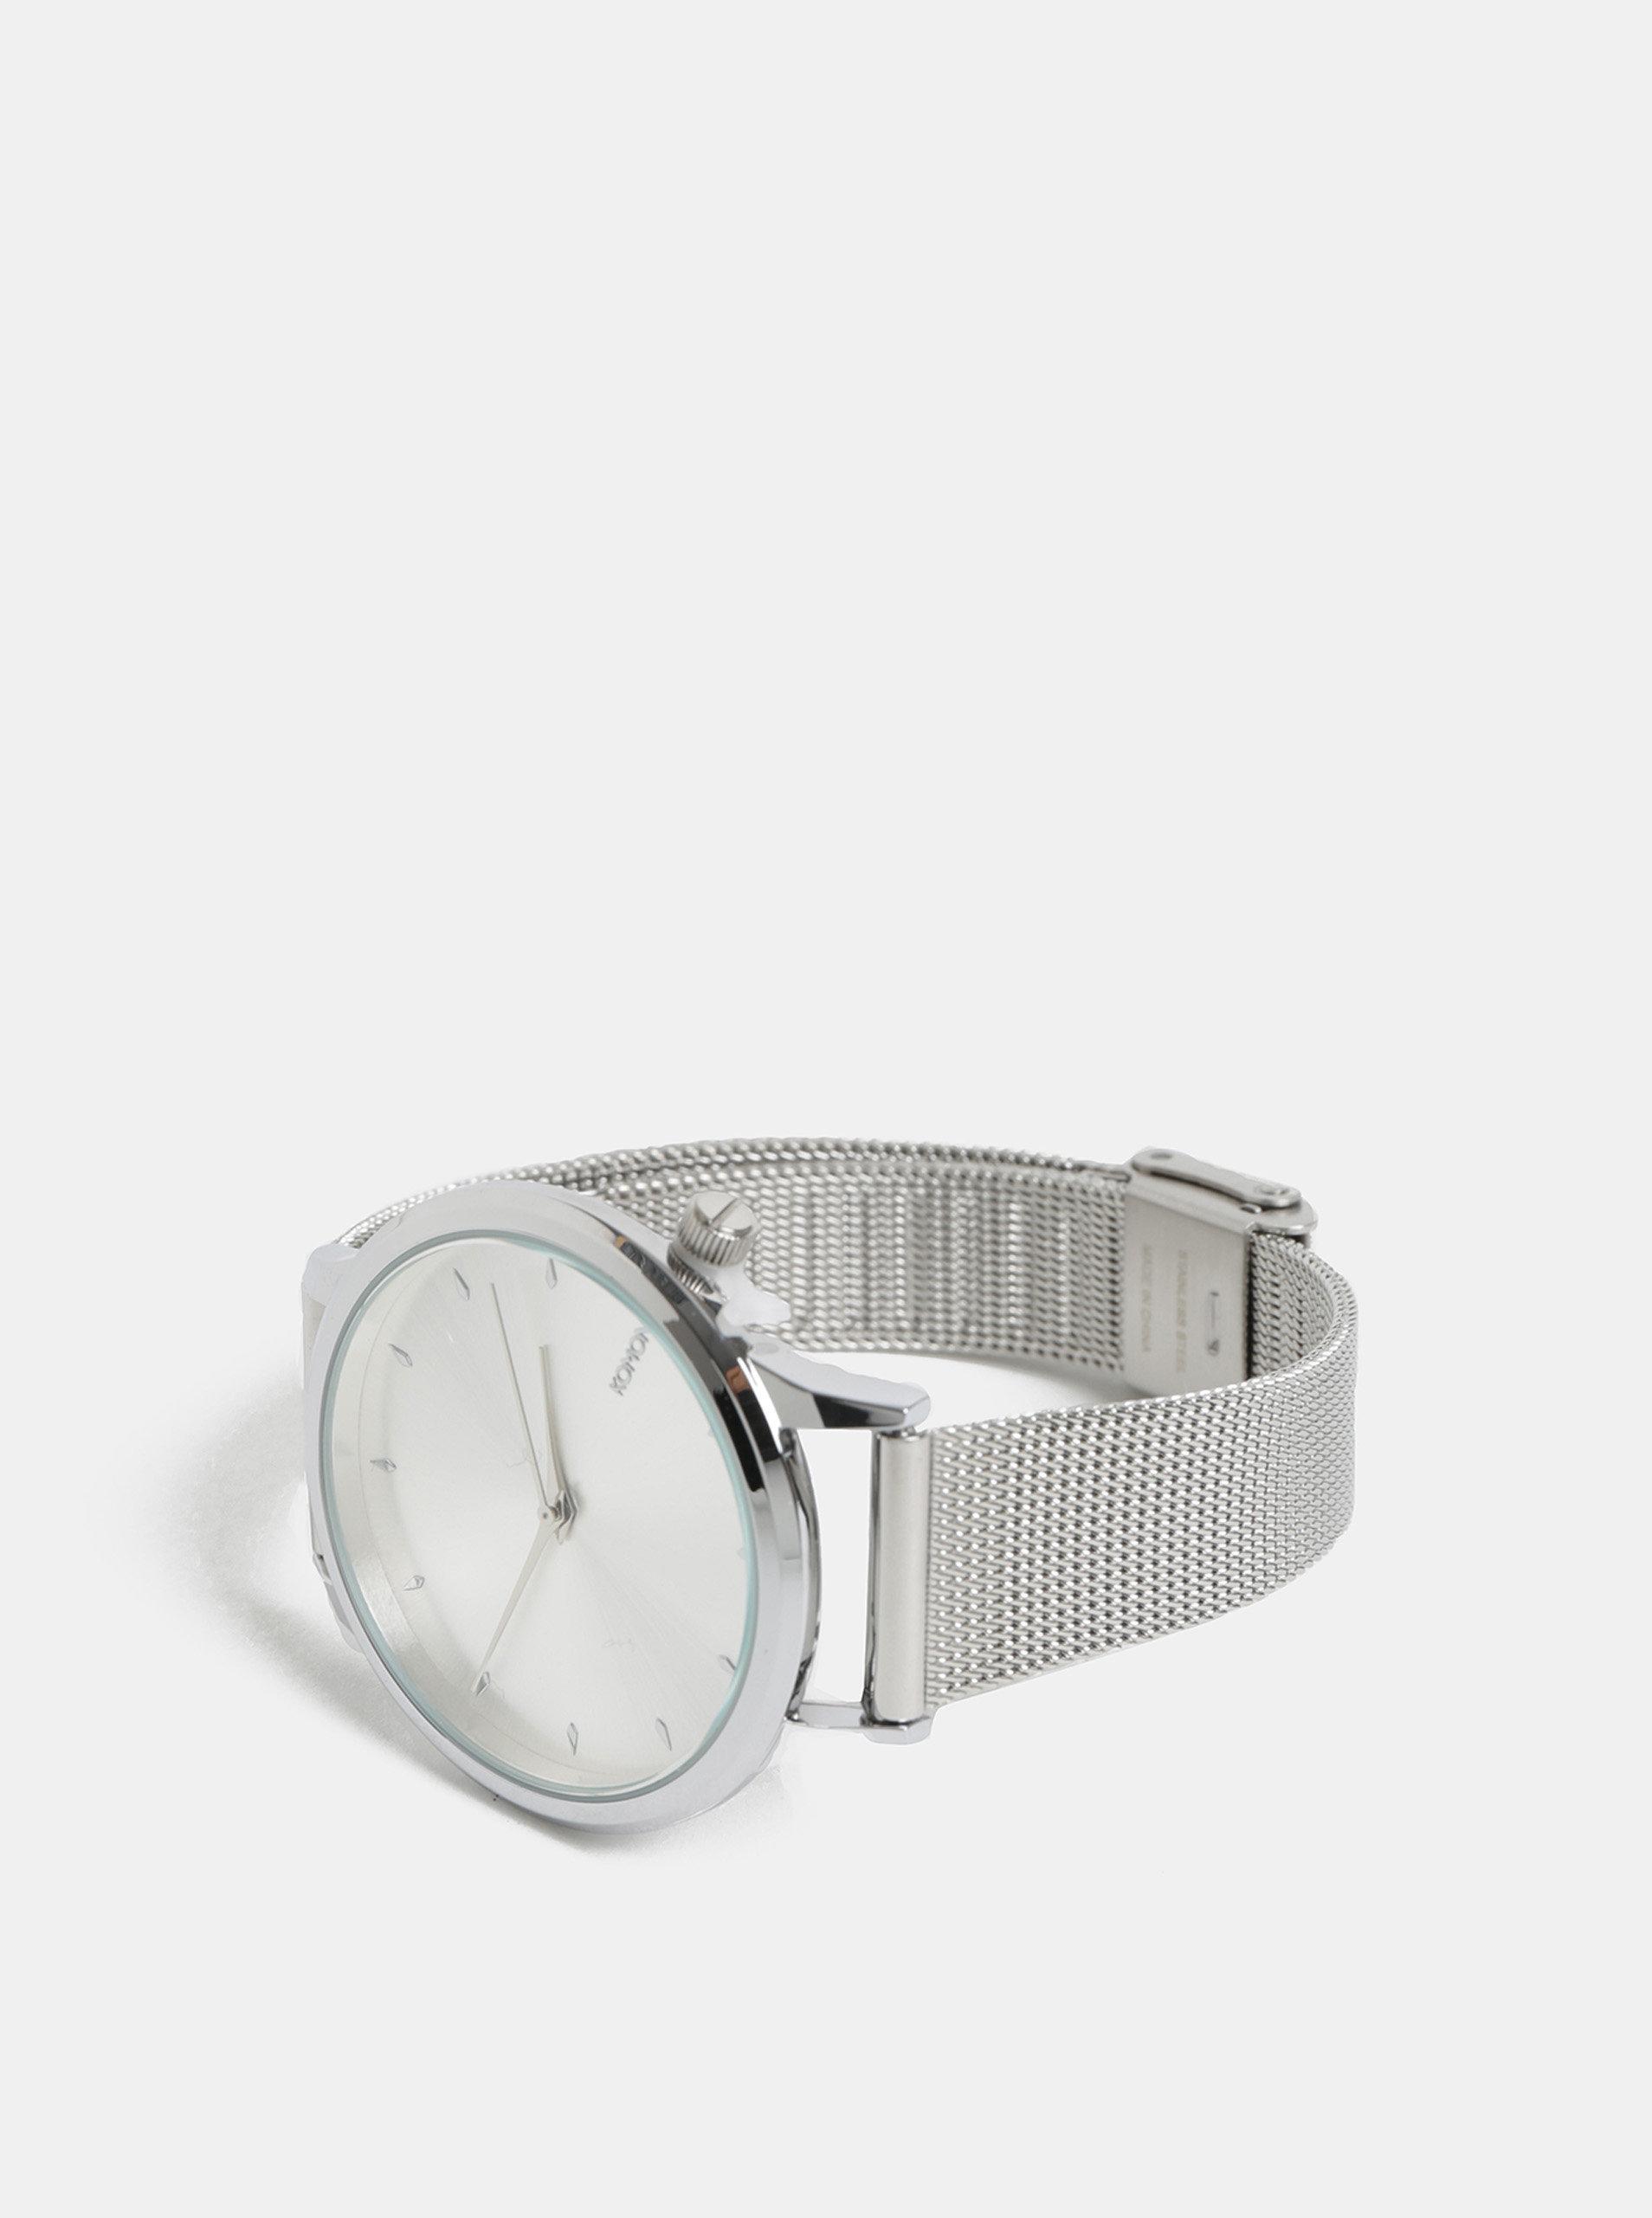 Dámské hodinky ve stříbrné barvě Komono Lexi Royale ... 06b2eda4a0